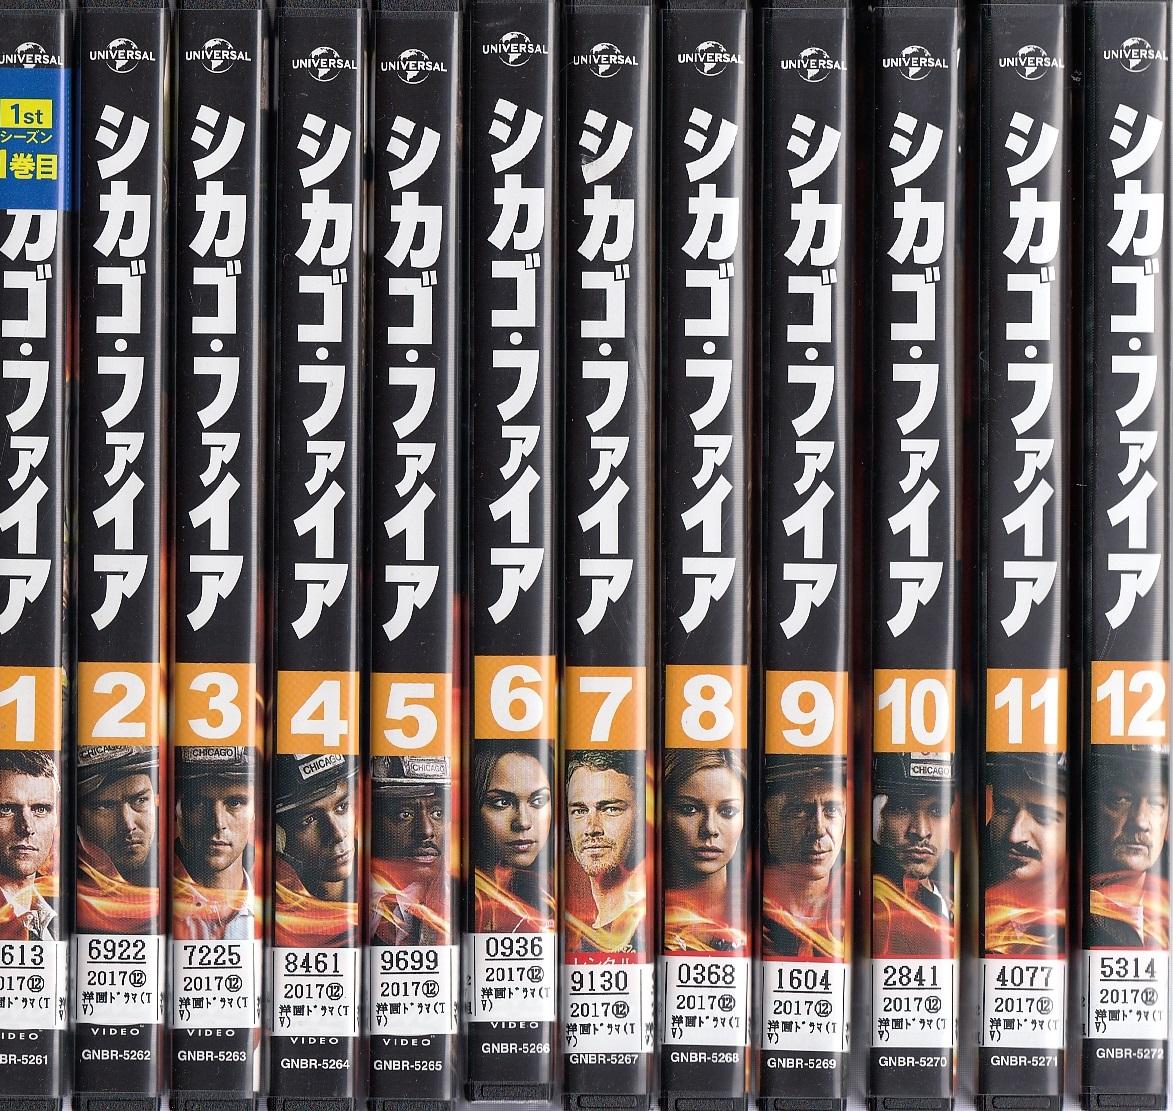 シカゴ・ファイア シーズン1.2.3 全35巻セット【中古DVD/レンタル落ち/送料無料】